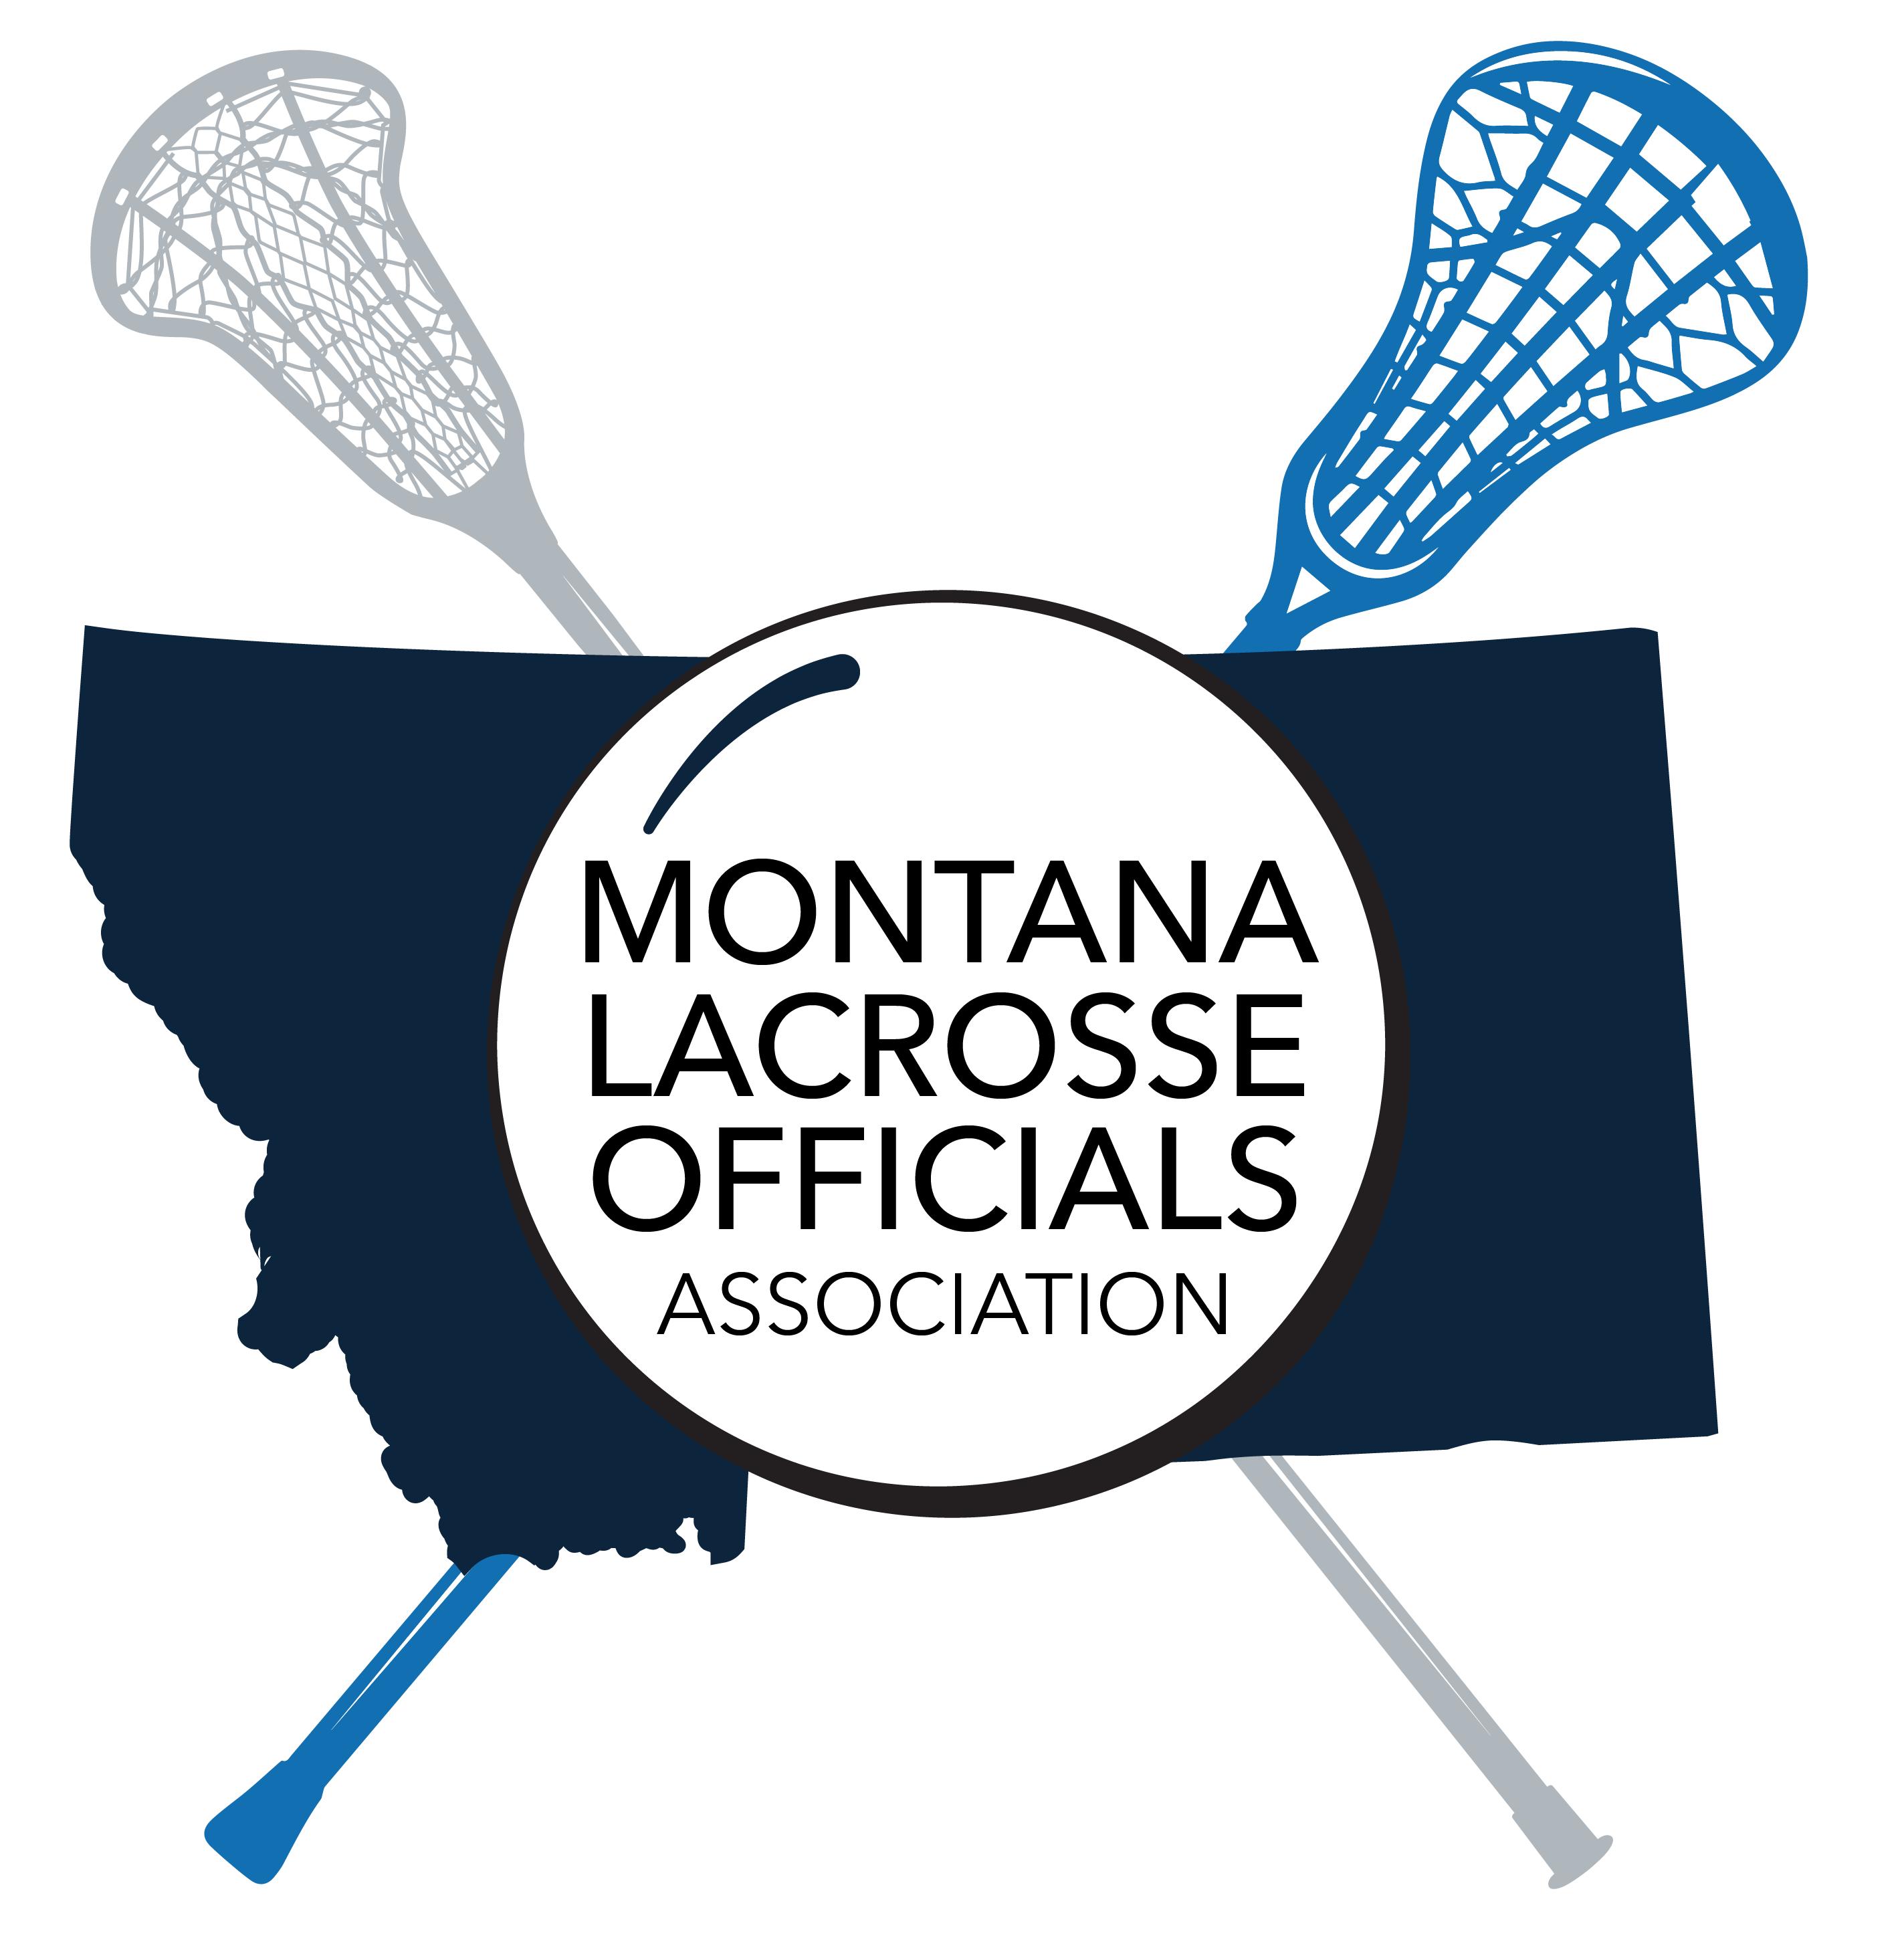 Montana Lacrosse Officials Association